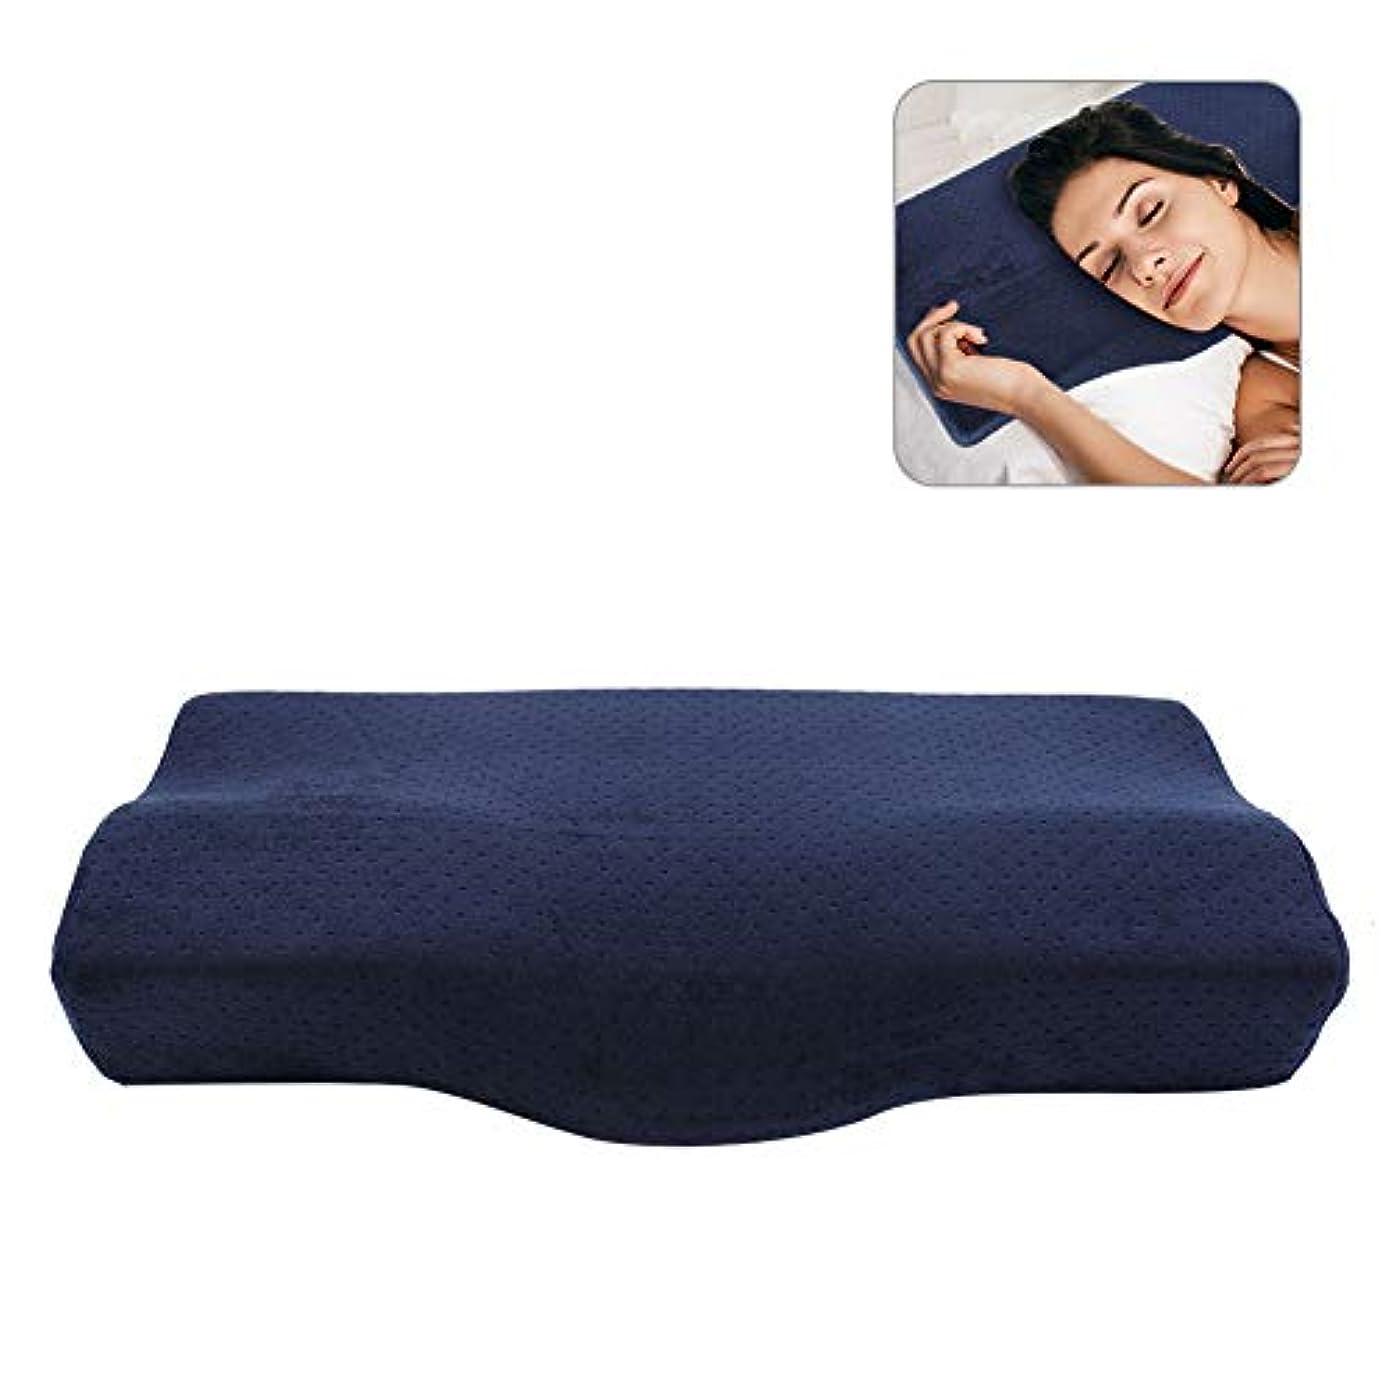 枕 安眠 低反発枕 肩こり対策 頸椎サポート 肩こり対策 首?頭?肩 子供 大人向き 美容院&グラフトまつげ (ダークブルー)